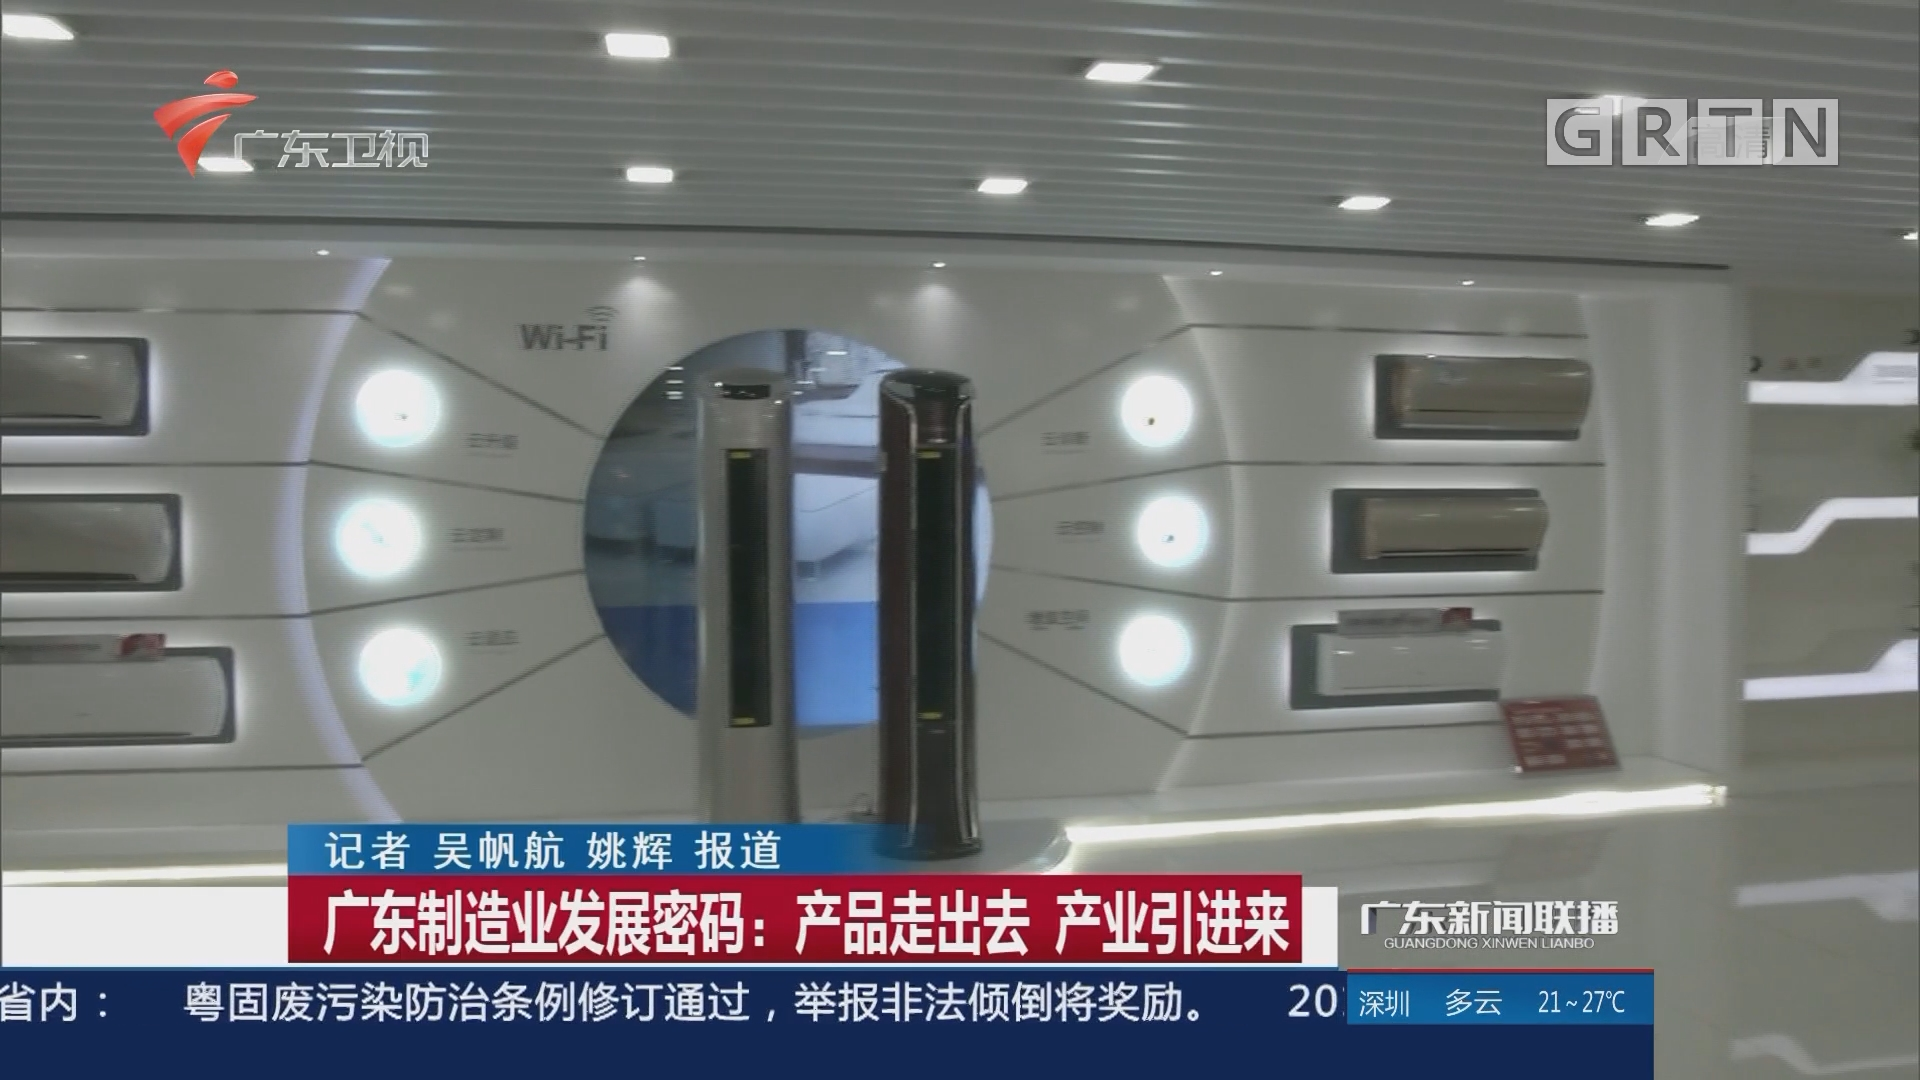 广东制造业发展密码:产品走出去 产业引进来